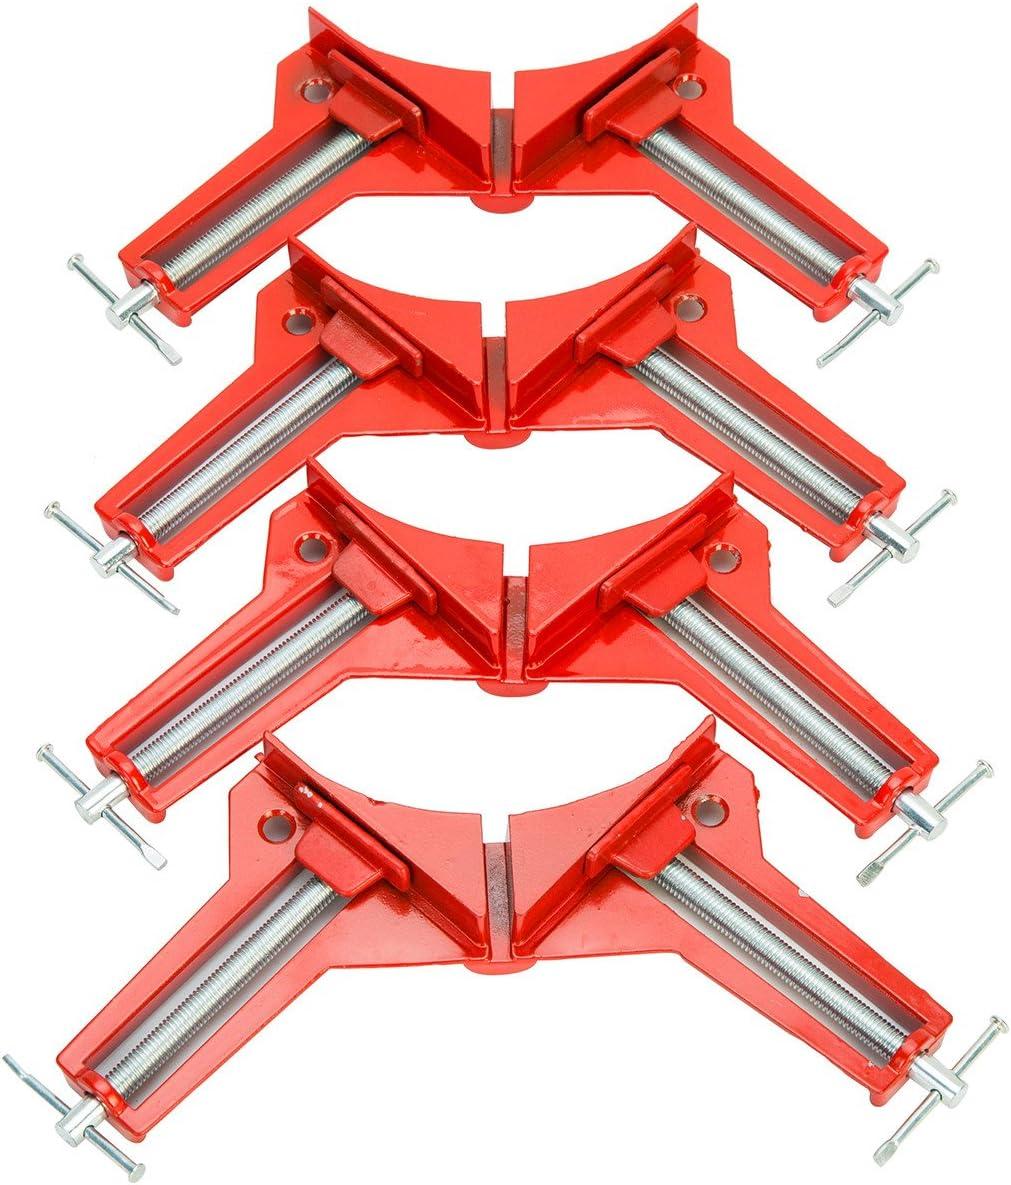 Pinces /à Angle Droit pour Travail du Bois Fixation Rapide du Cadre de Photo Colliers de Coin Menuiserie Clip de Serrage /à Angle Droit XIAOXIAO 4pcs 90 Degr/és /à Angle Droit Pince